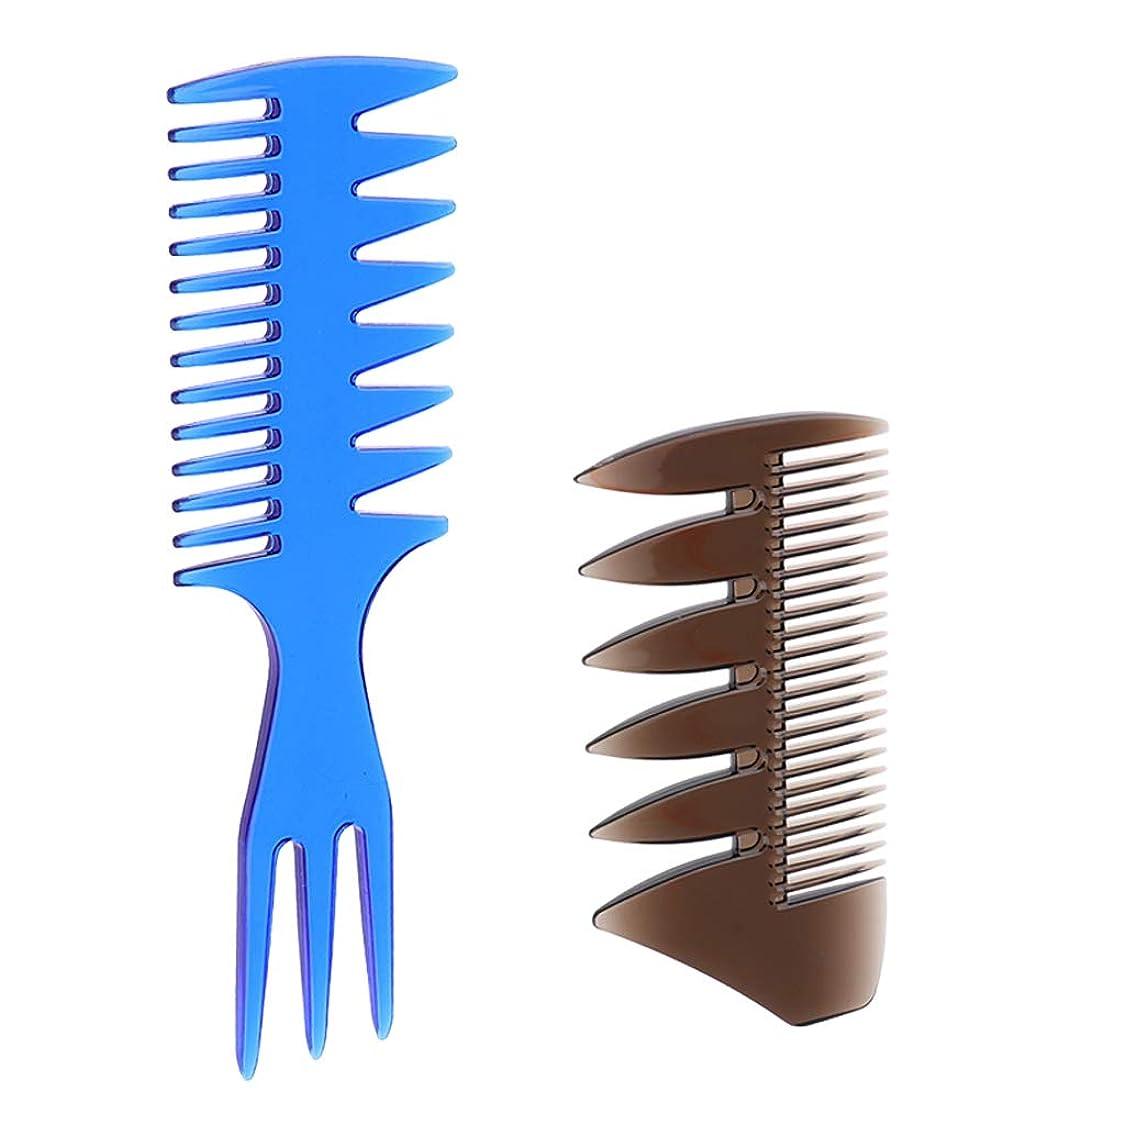 種商業の地理Sharplace 広い歯櫛 コーム 3-in-1櫛 2-in-1櫛 ヘアサロン ヘアブラシ